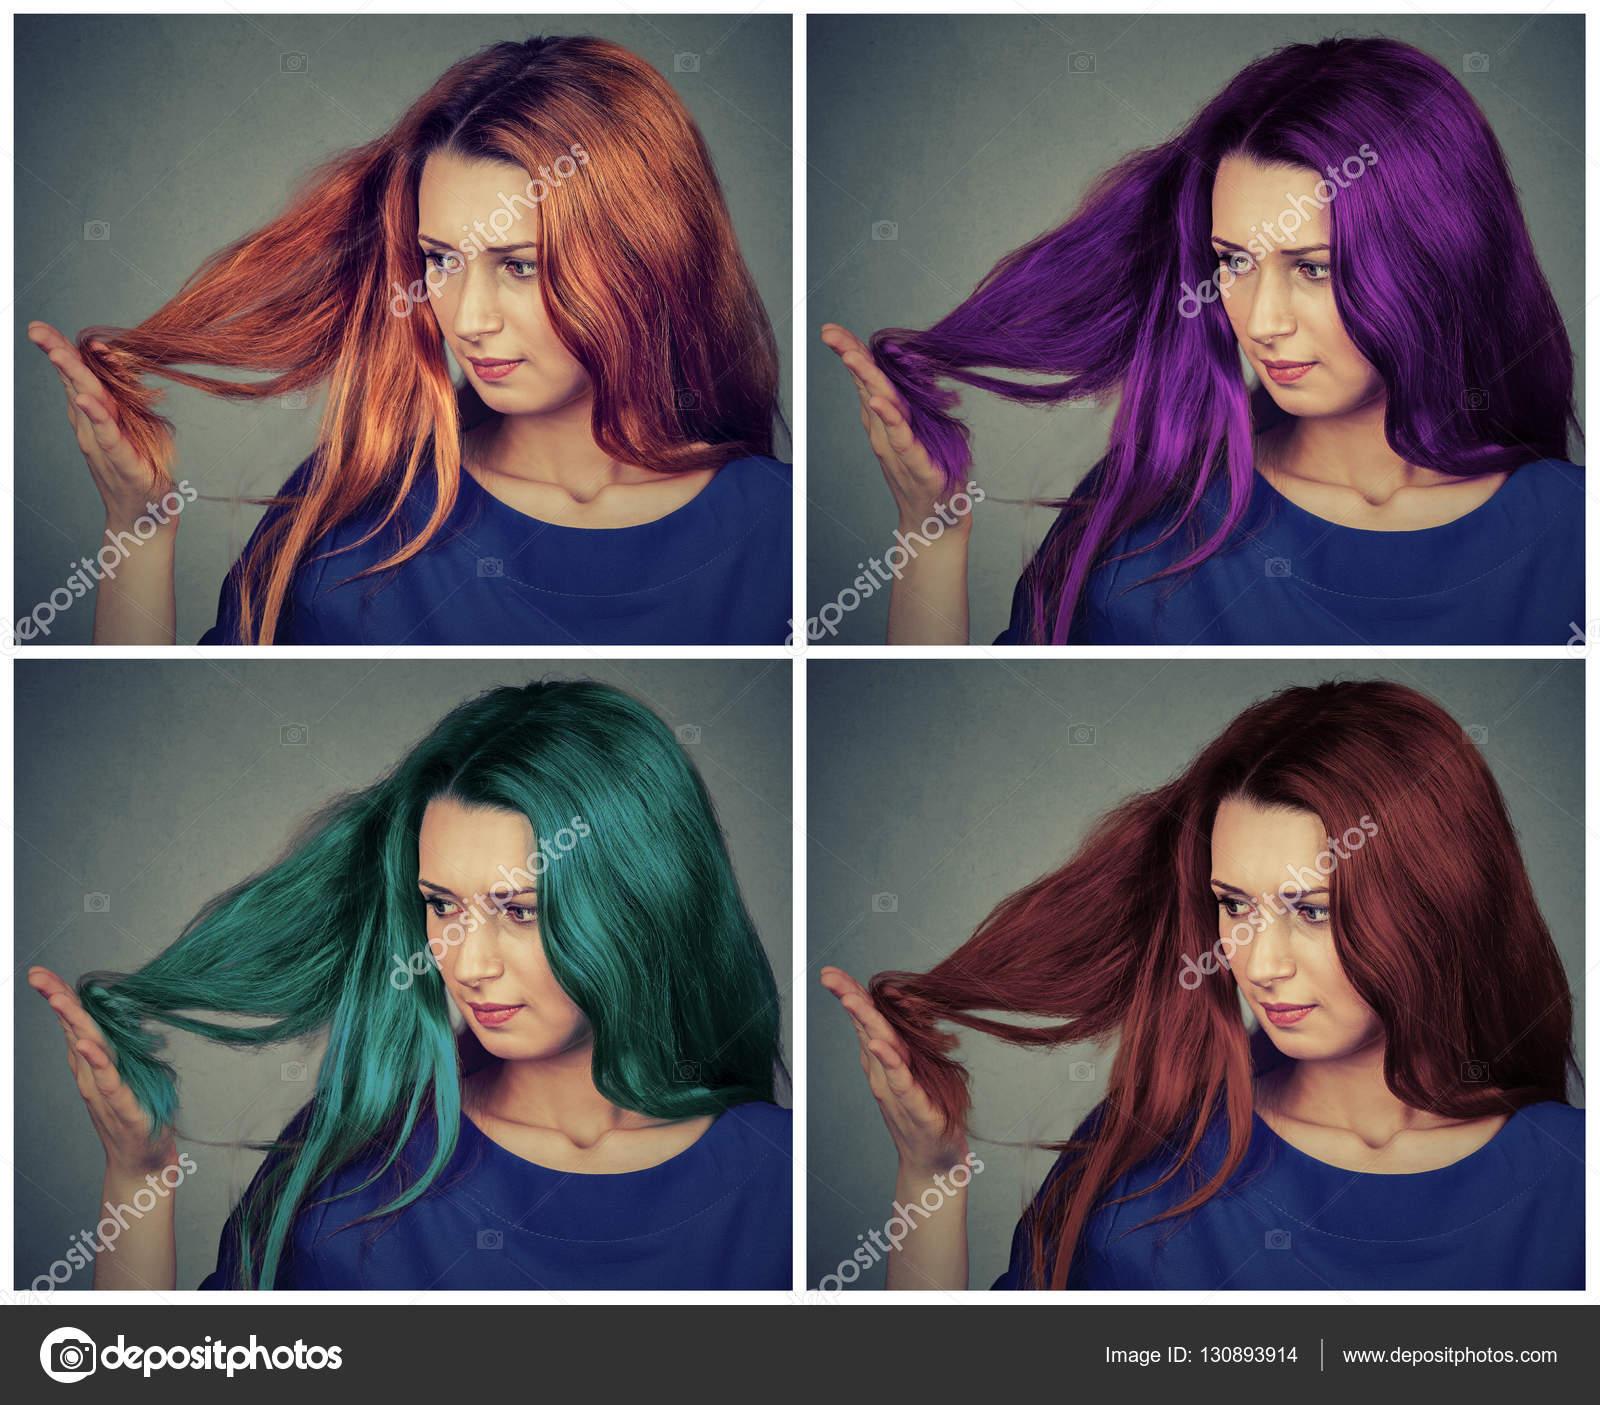 Değişik Saç Modelleri Saç Rengi Olan Güzel Kadın Stok Foto